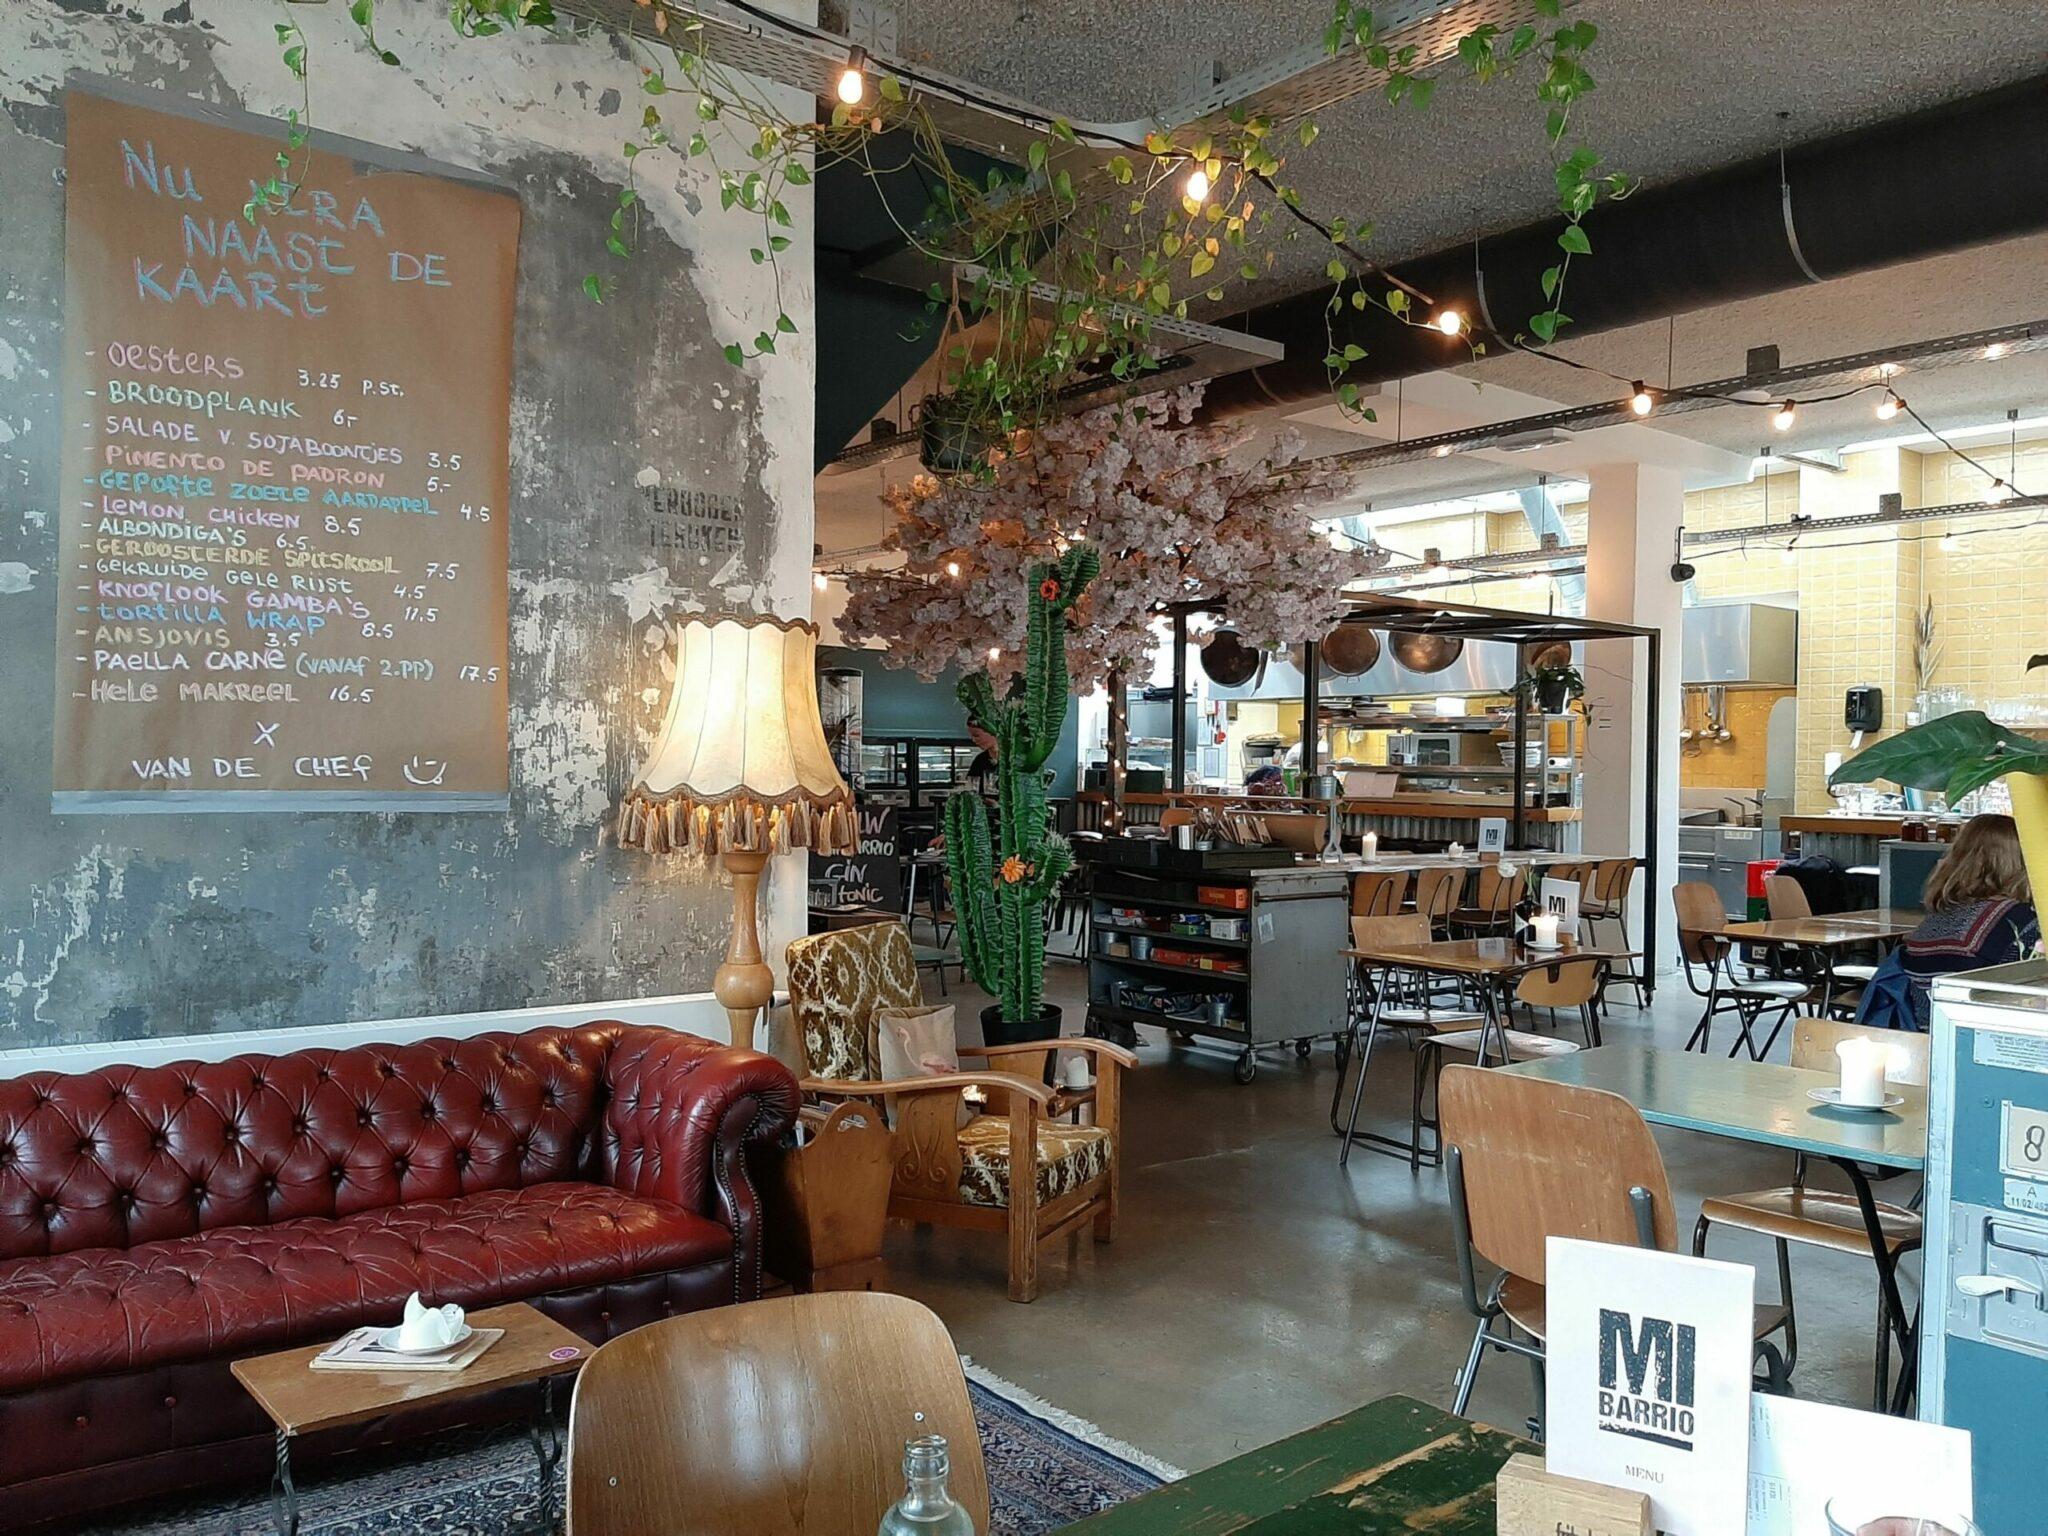 Saskia van Mi Barrio in Nijmegen: 'Wij zijn echt een buurtcafé' - indebuurt  Nijmegen